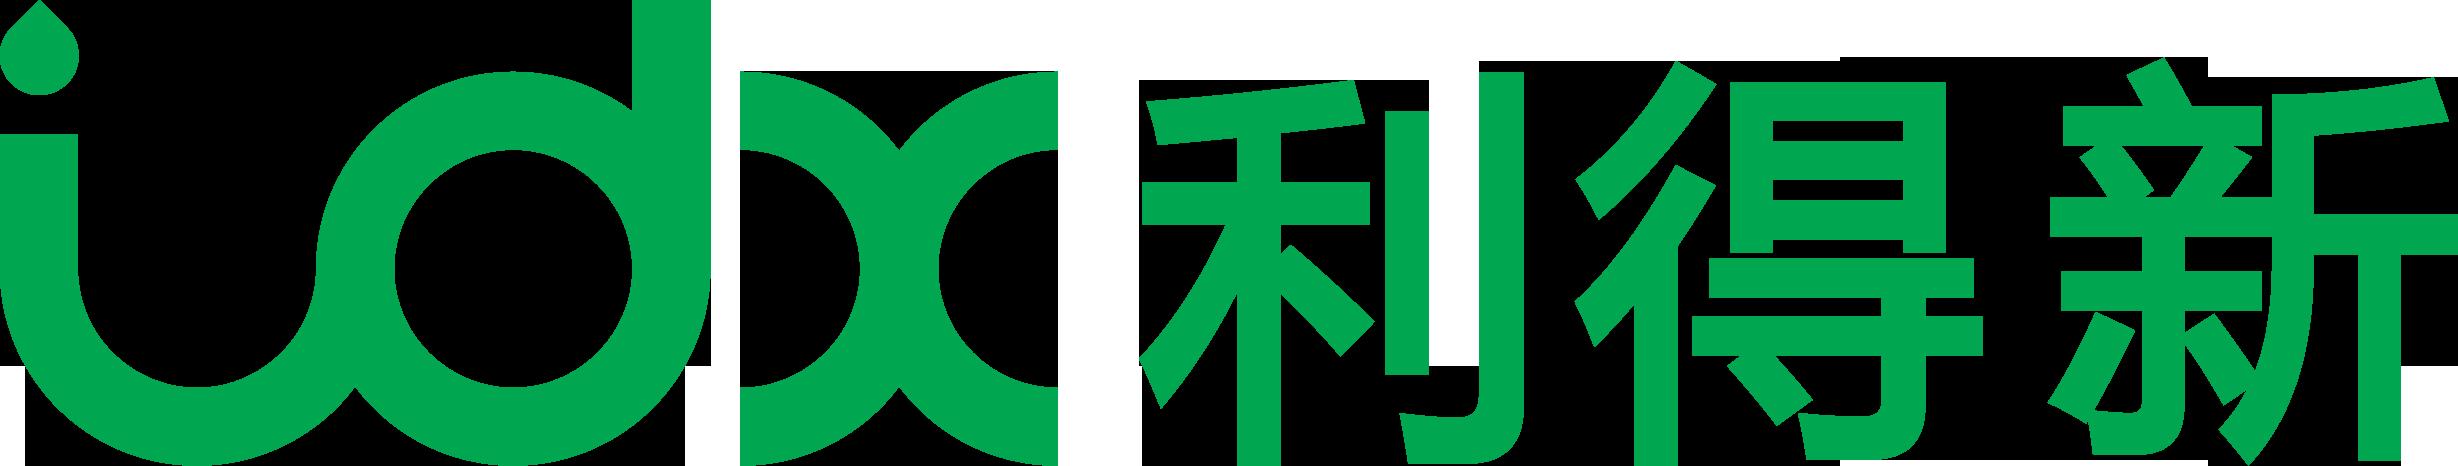 利得新(中国)集团有限公司